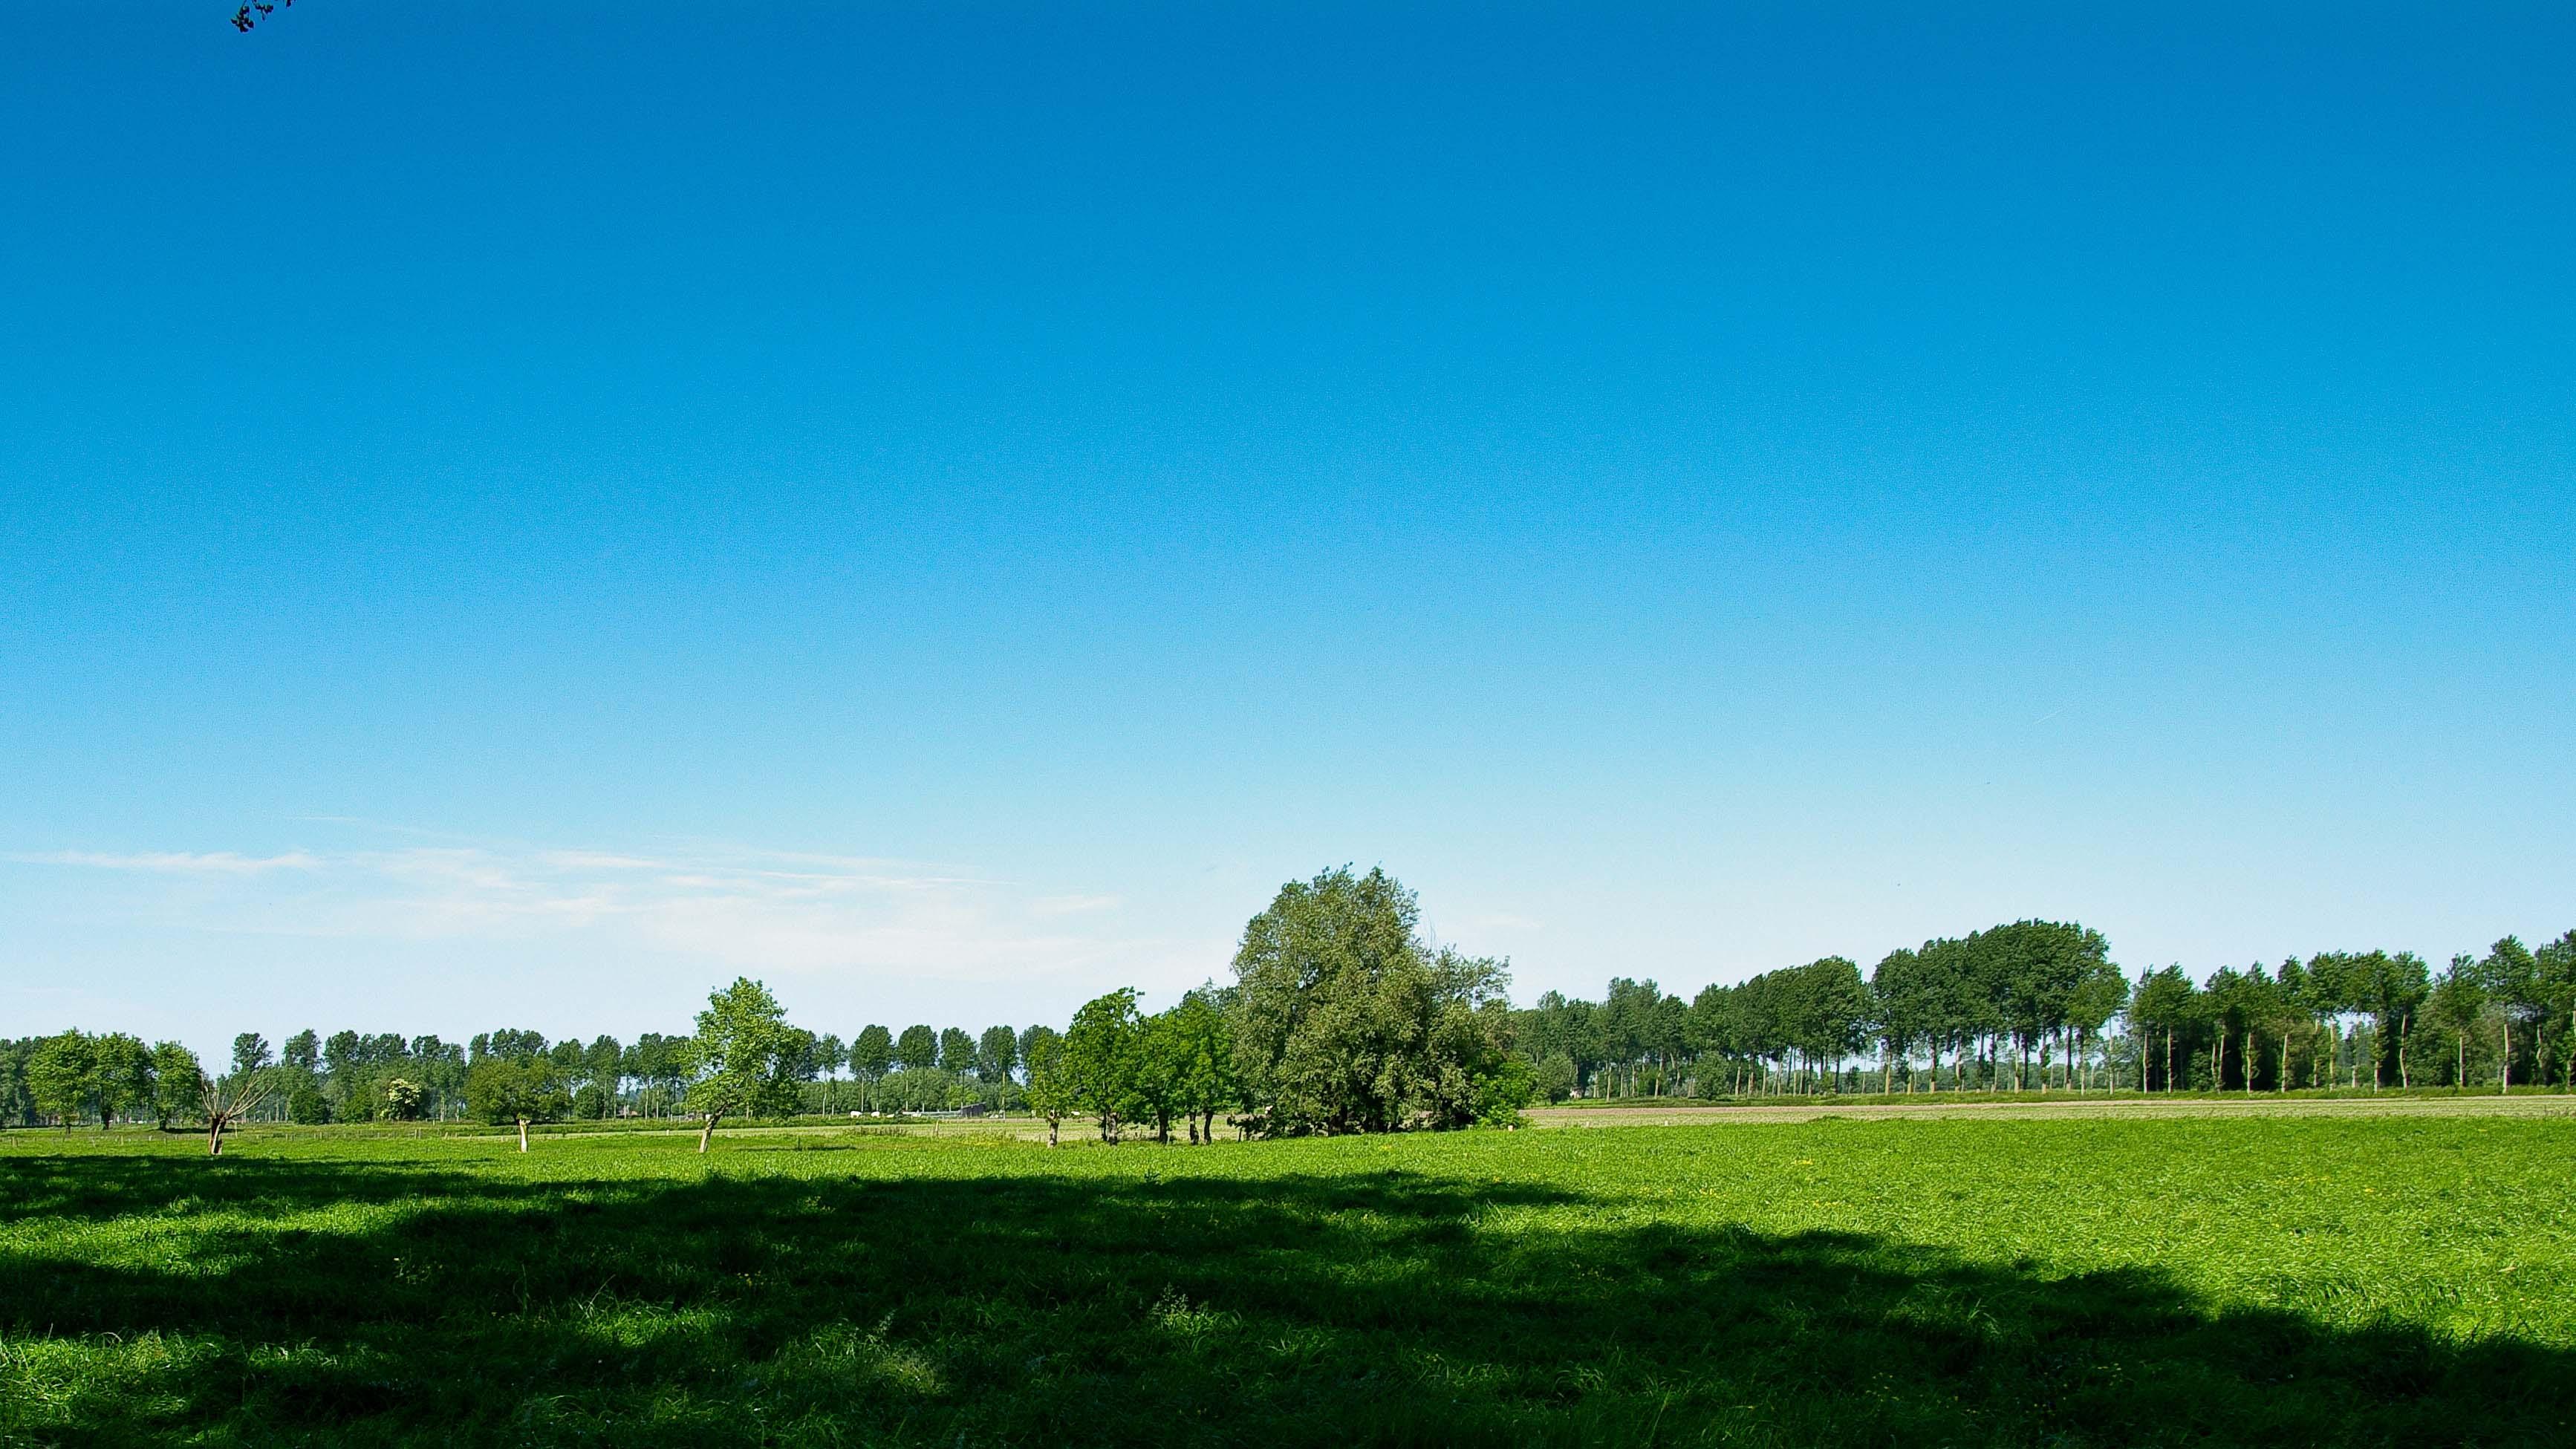 Beverhoutsveld wandelroute